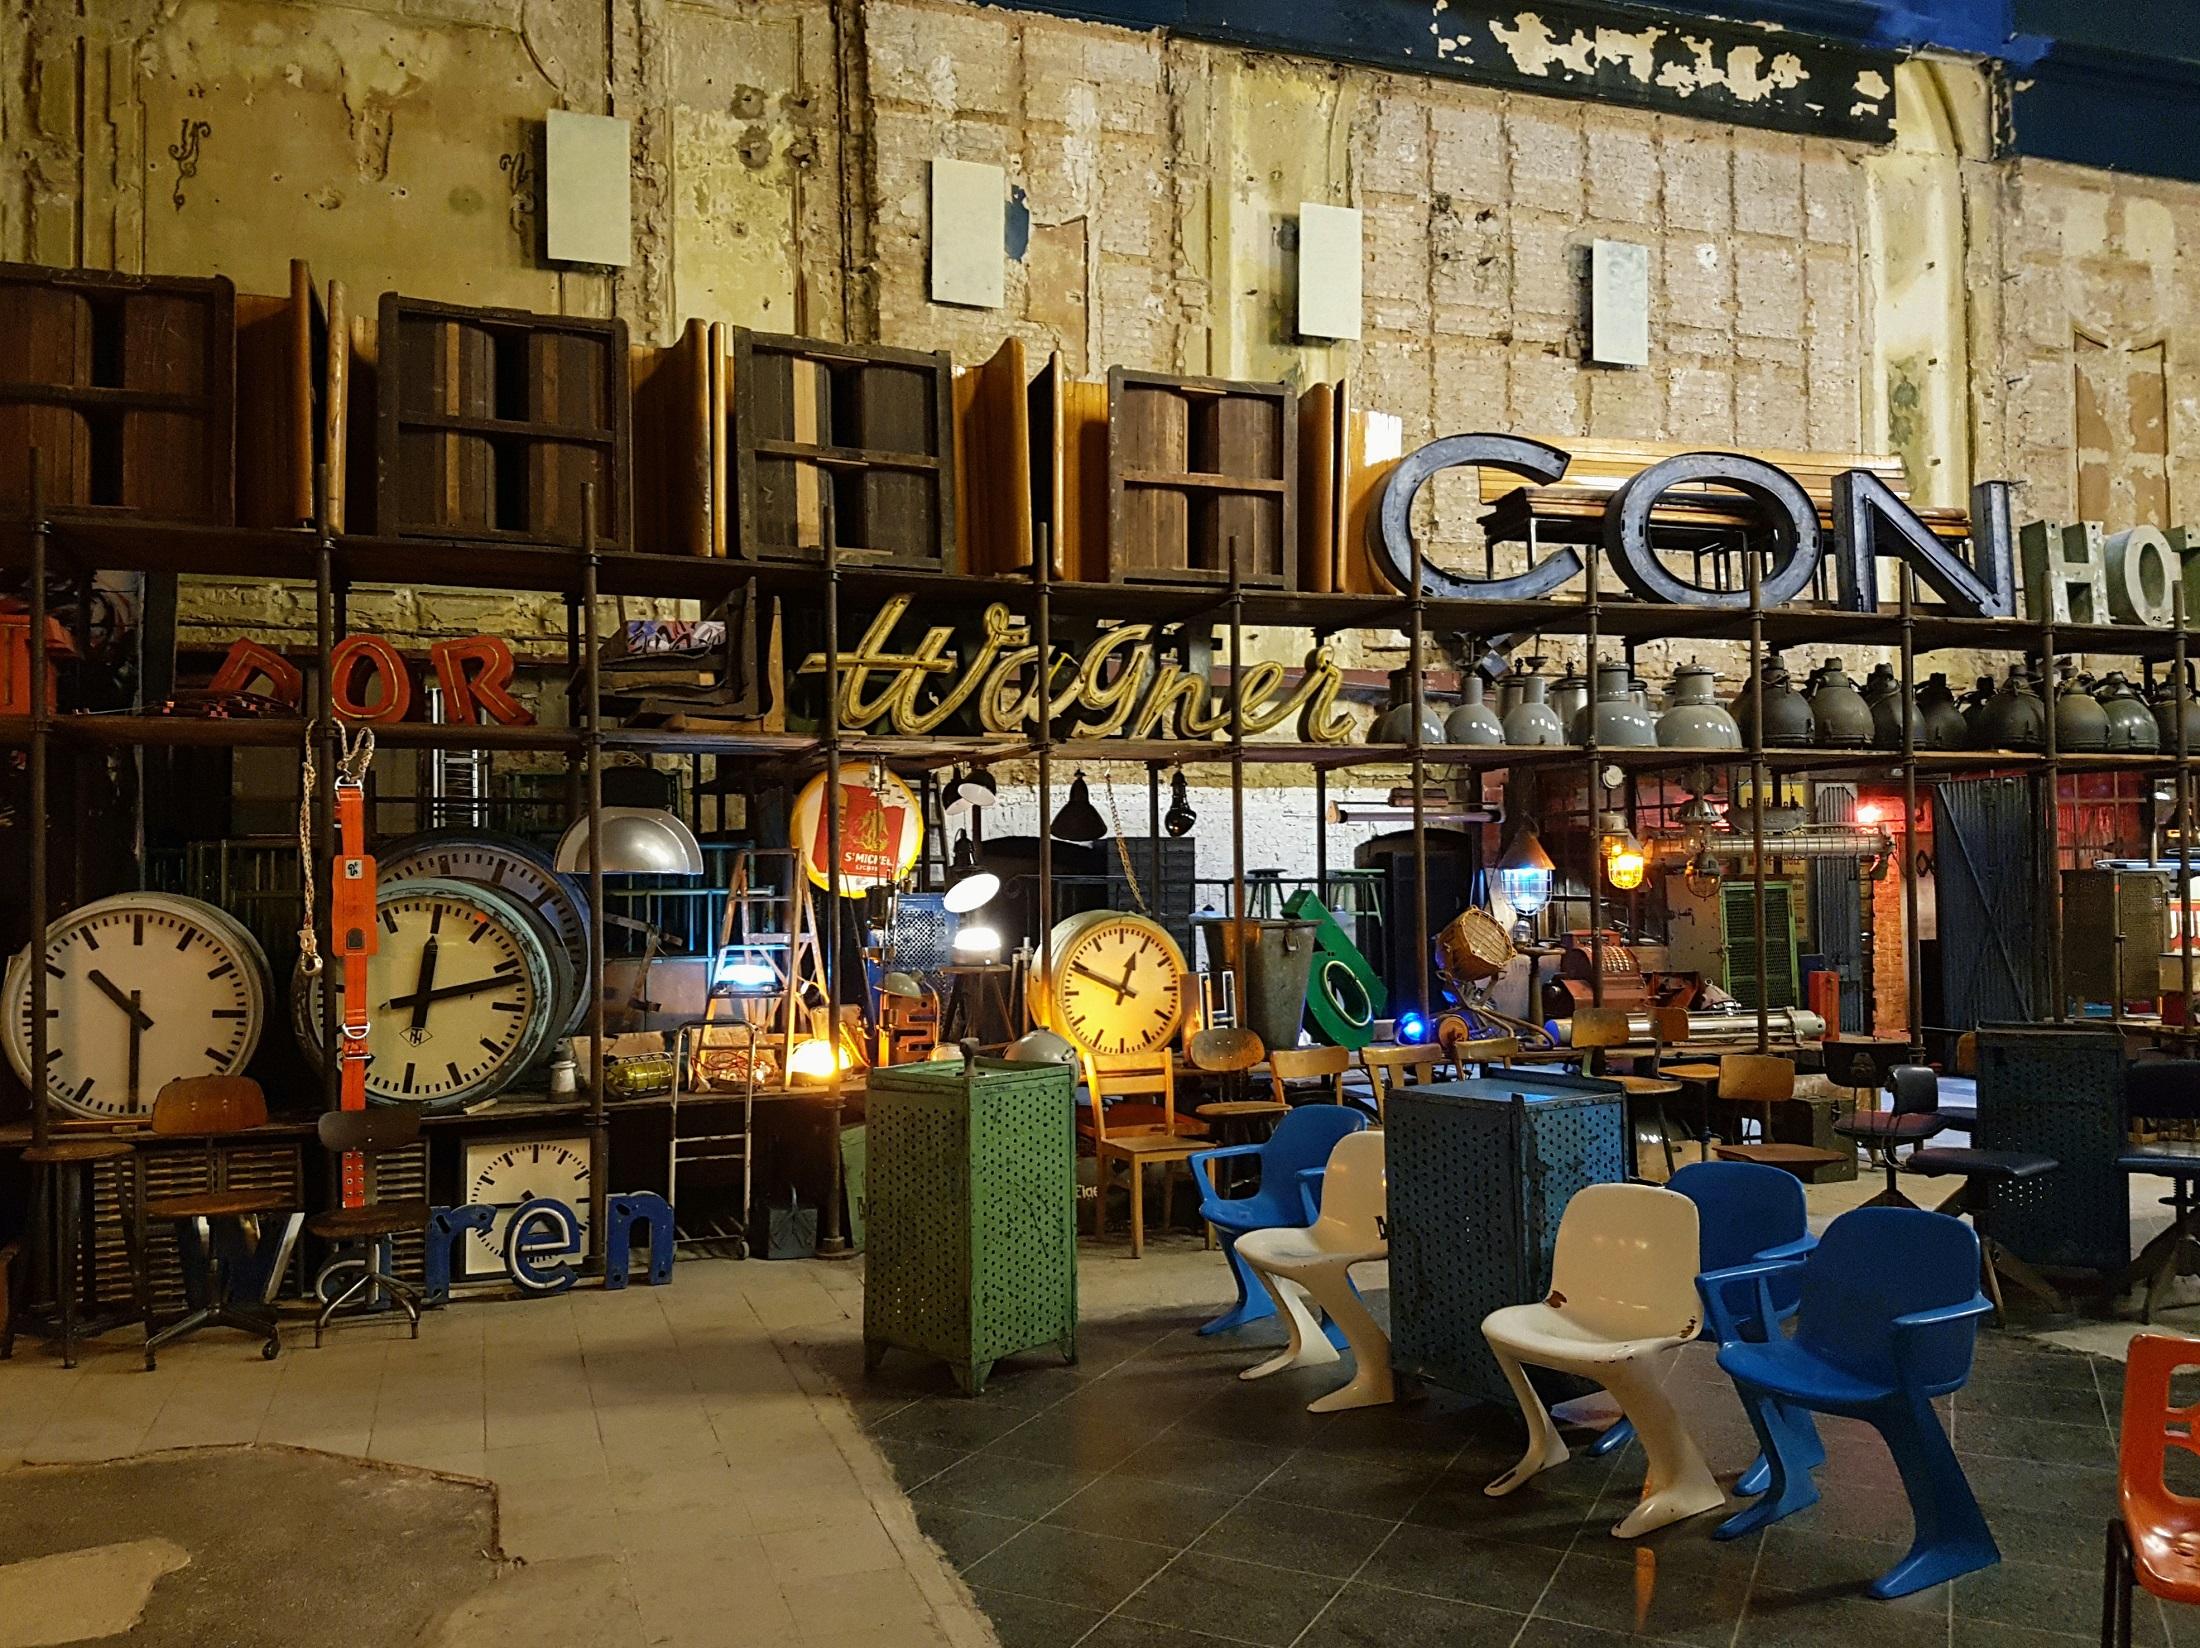 Urban Industrial. Photo: Hilda Hoy.